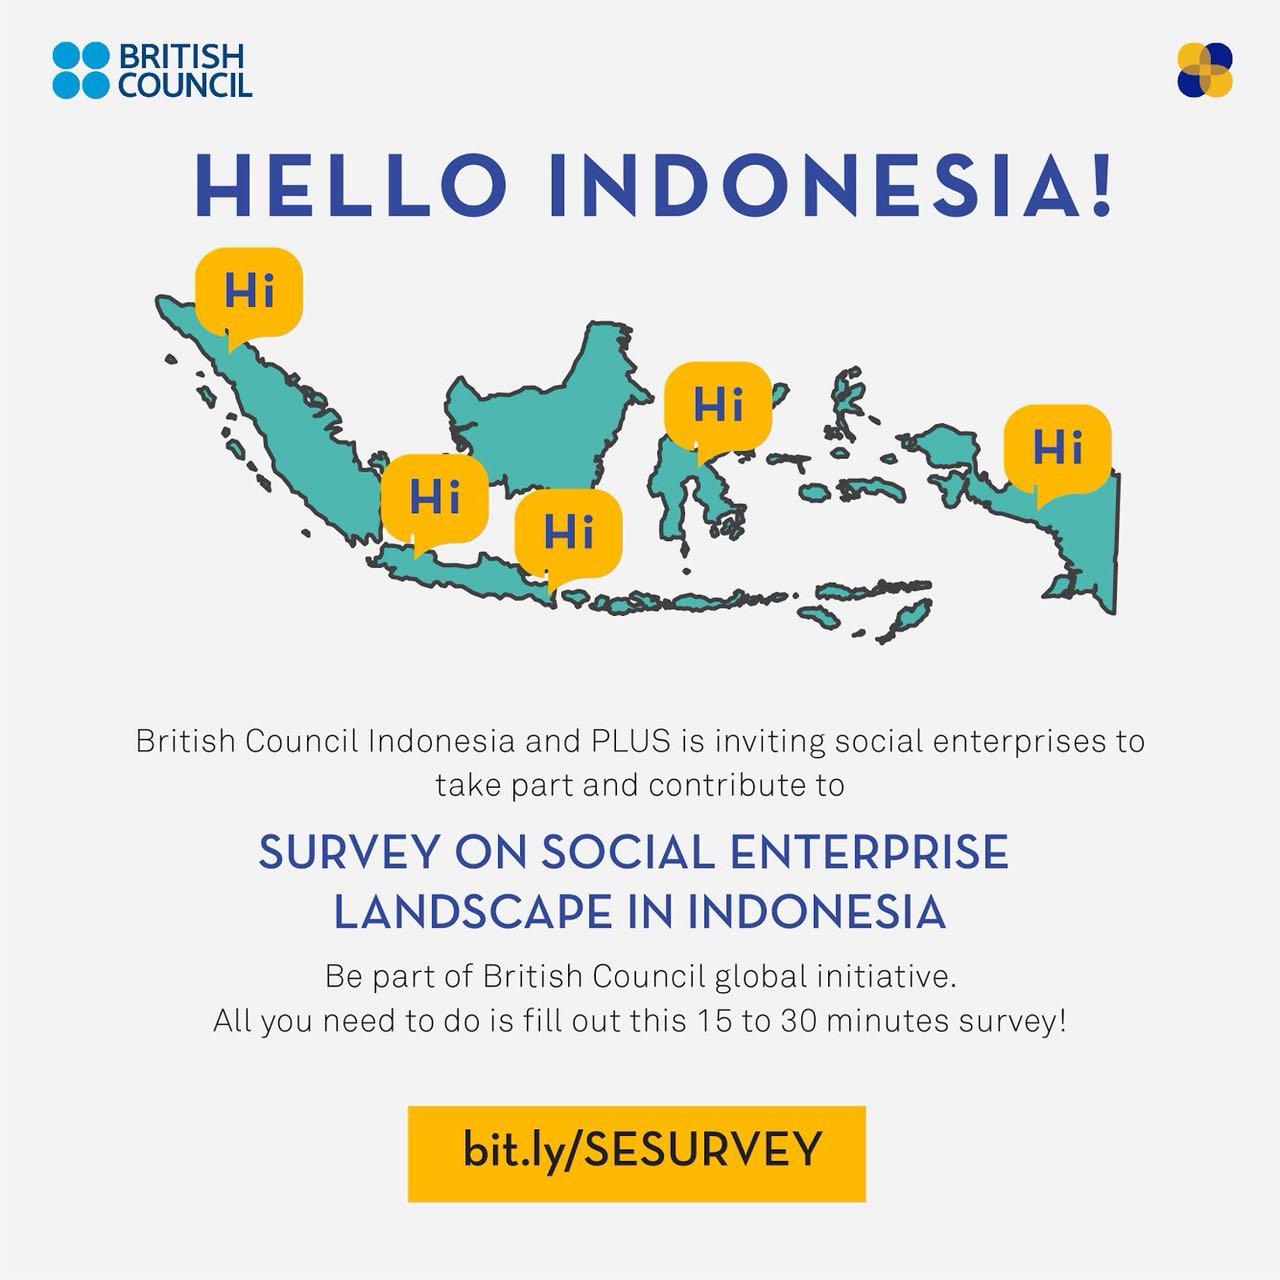 PLUS_platform_usaha_sosial_survey_social_enterprise_landscape_indonesia_british_council